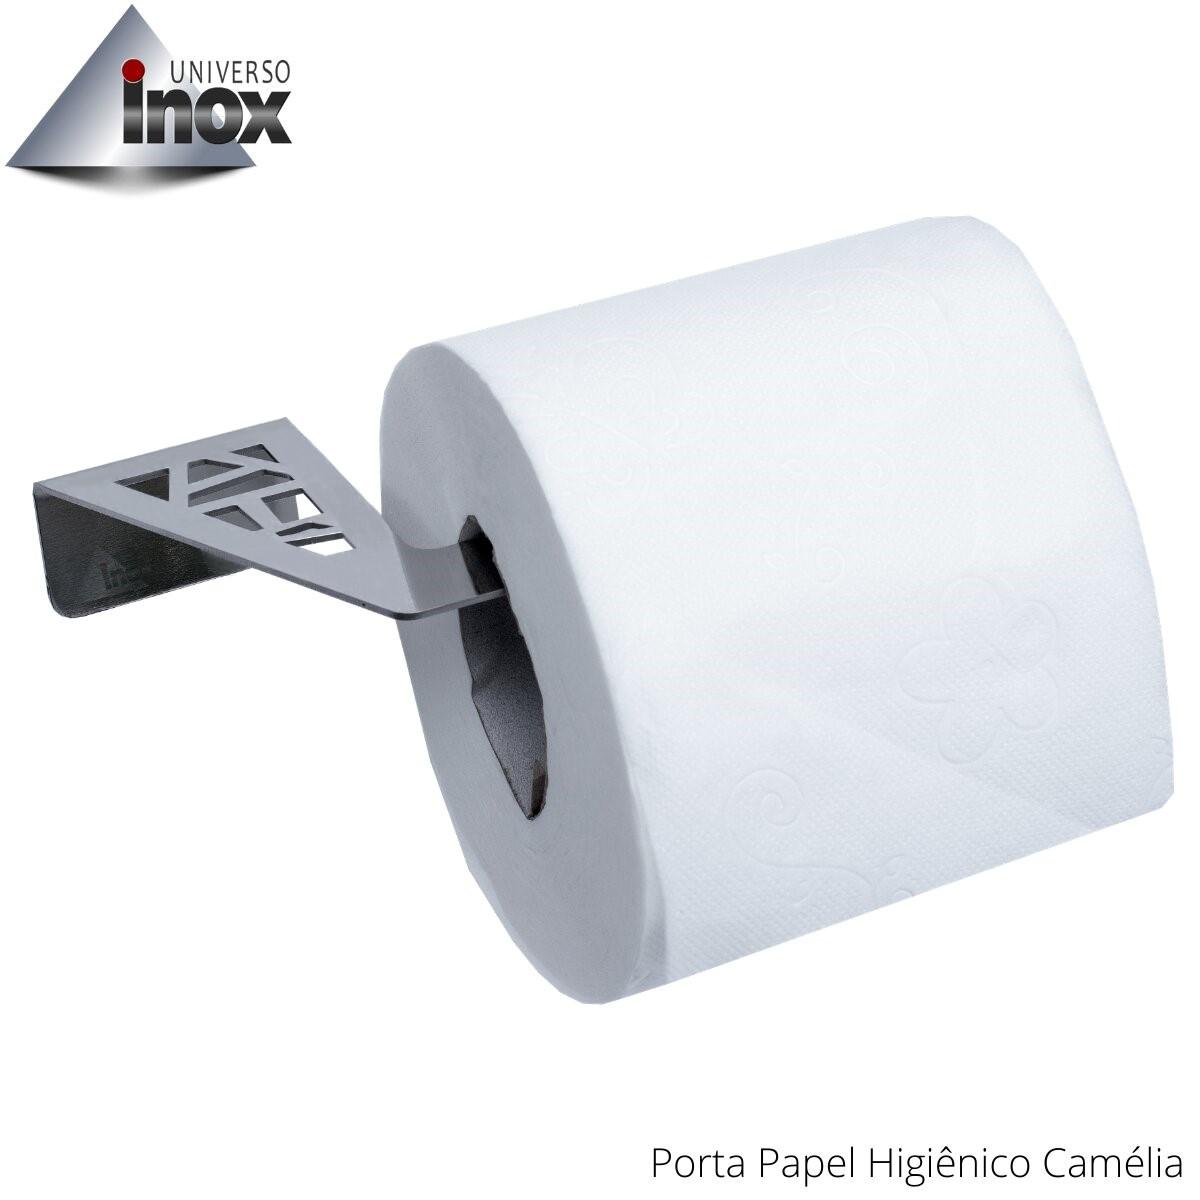 Porta Papel Higiênico Camélia